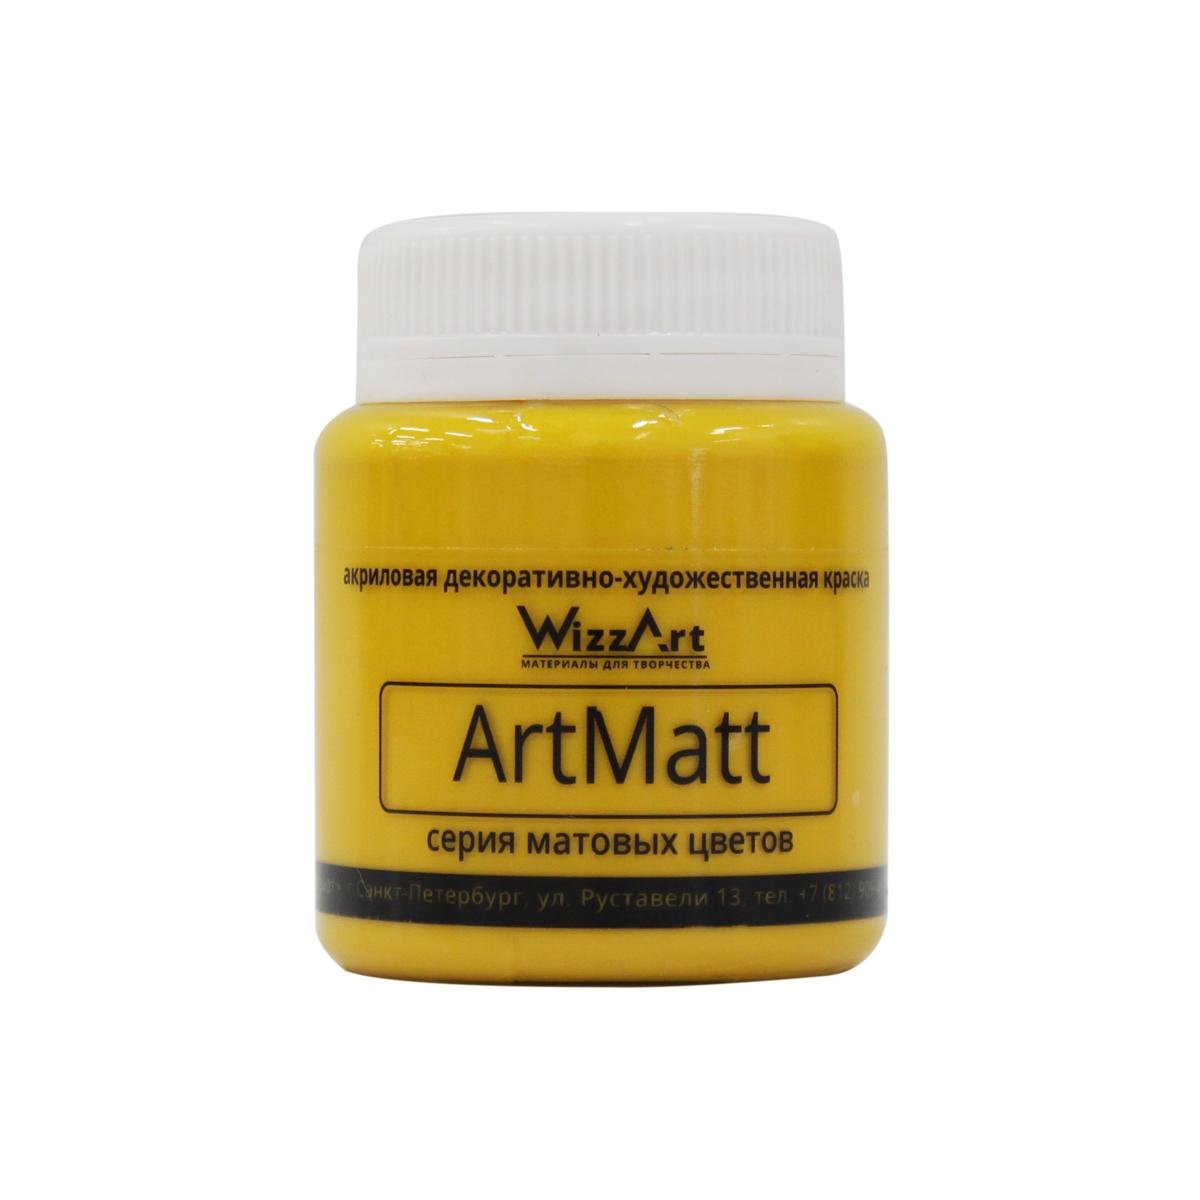 Краска акриловая WizzArt ArtMatt, цвет: желтый, 80 мл499998Серия декоративно-художественных красок ArtMatt от компании WizzArt после высыхания образует ровную матовую поверхность. Богатая палитра оттенков позволит художнику или рукодельнице с легкостью реализовать свою творческую идею. Чистые, глубокие и насыщенные оттенки акриловых красок серии ArtMatt обладают повышенной светостойкостью. Матовая акриловая краска смотрится очень интересно, а в сочетании с глянцевой краской можно создать необычные композиционные акценты в своем рисунке. Акриловые краски WizzArt нетоксичны, ровно ложатся, подходят практически для любой поверхности, а потому востребованы в огромном количестве различных направлений творчества. Ими можно не только писать картины, но и расписывать посуду и сувениры, декорировать украшения и элементы интерьера, использовать во флористике, декупаже, скрапбукинге. Краски от компании WizzArt имеют высокое качество при вполне доступной цене, что делает их одной из наиболее привлекательных позиций в магазинах товаров для творчества.Перед использованием необходимо перемешать.Объем: 80 мл.Товар сертифицирован.